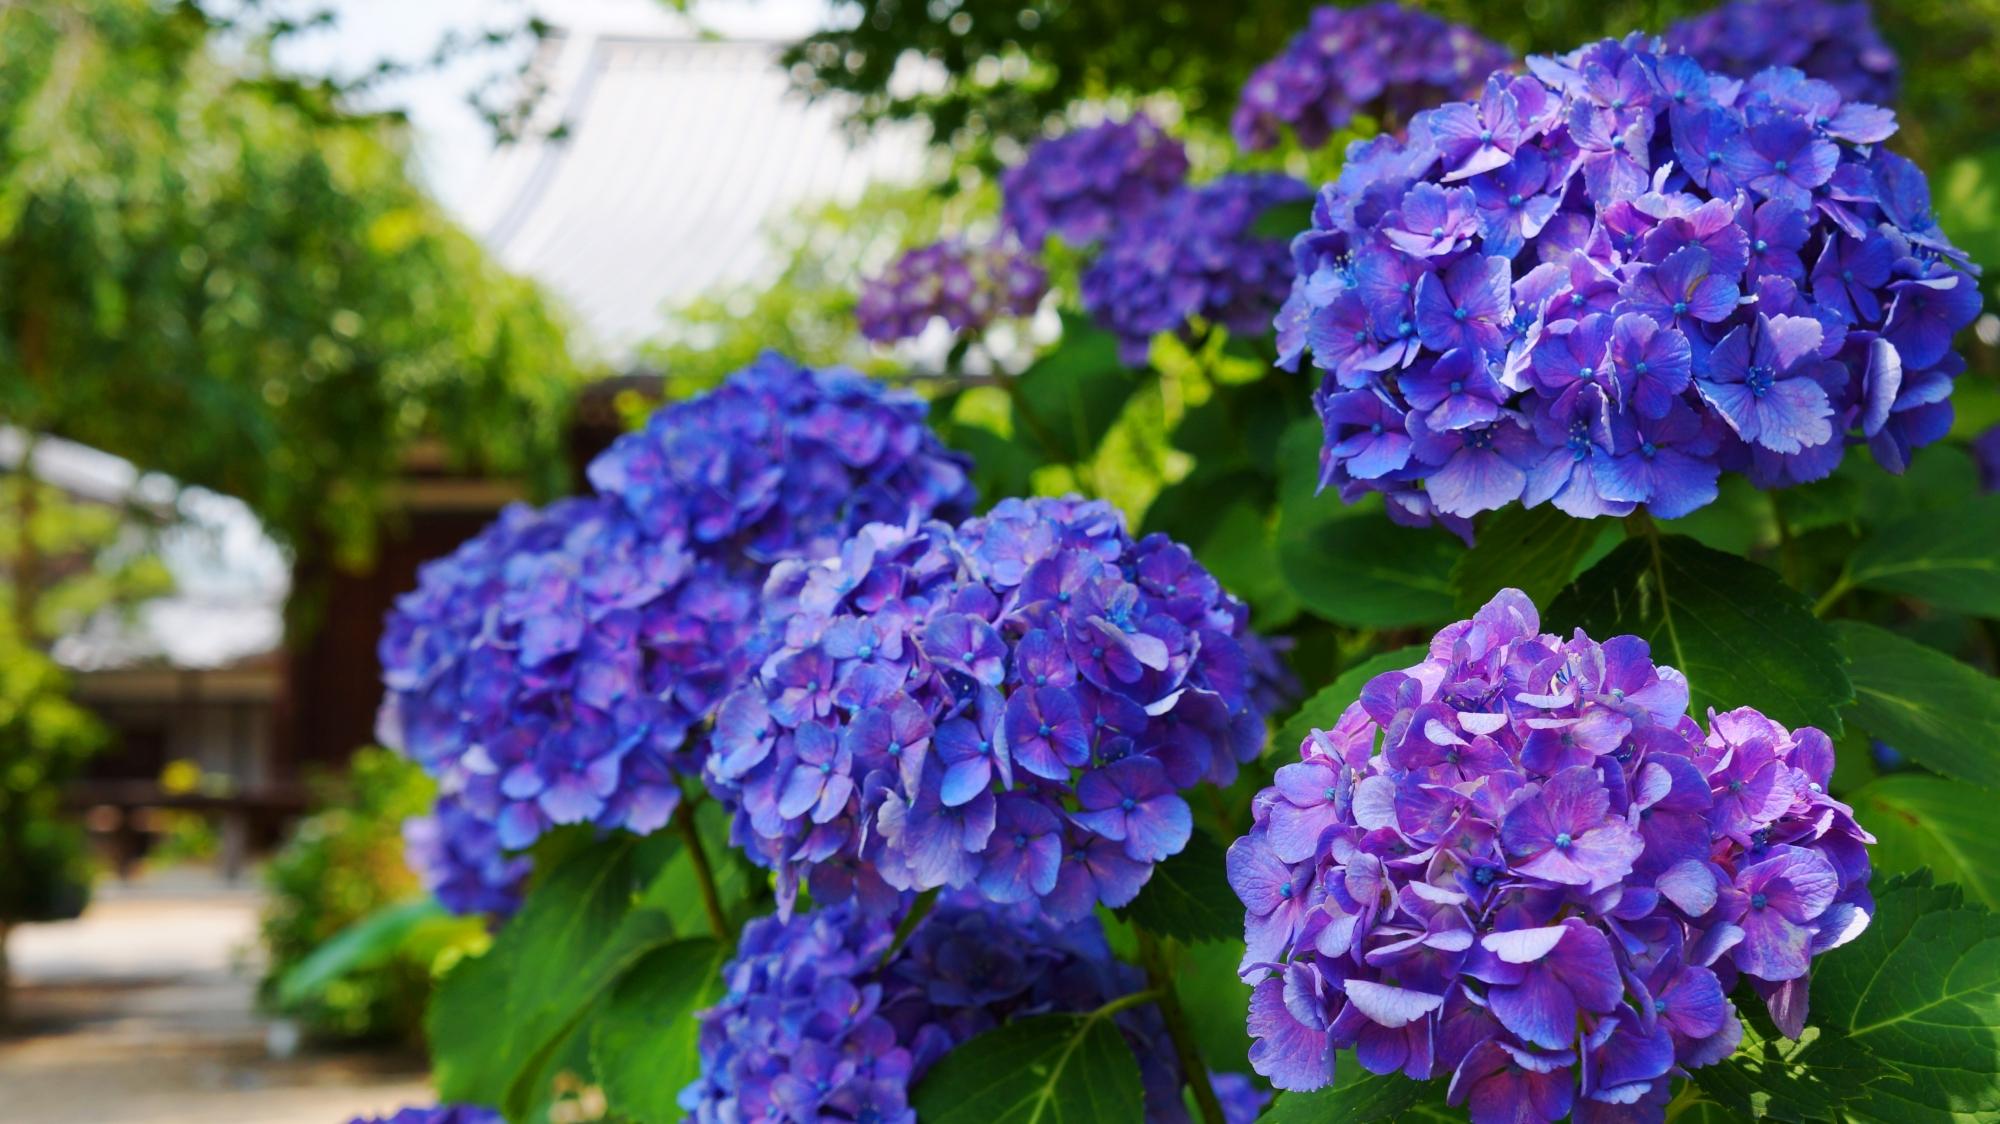 6月の法金剛院を彩る妖艶な色合いの紫陽花